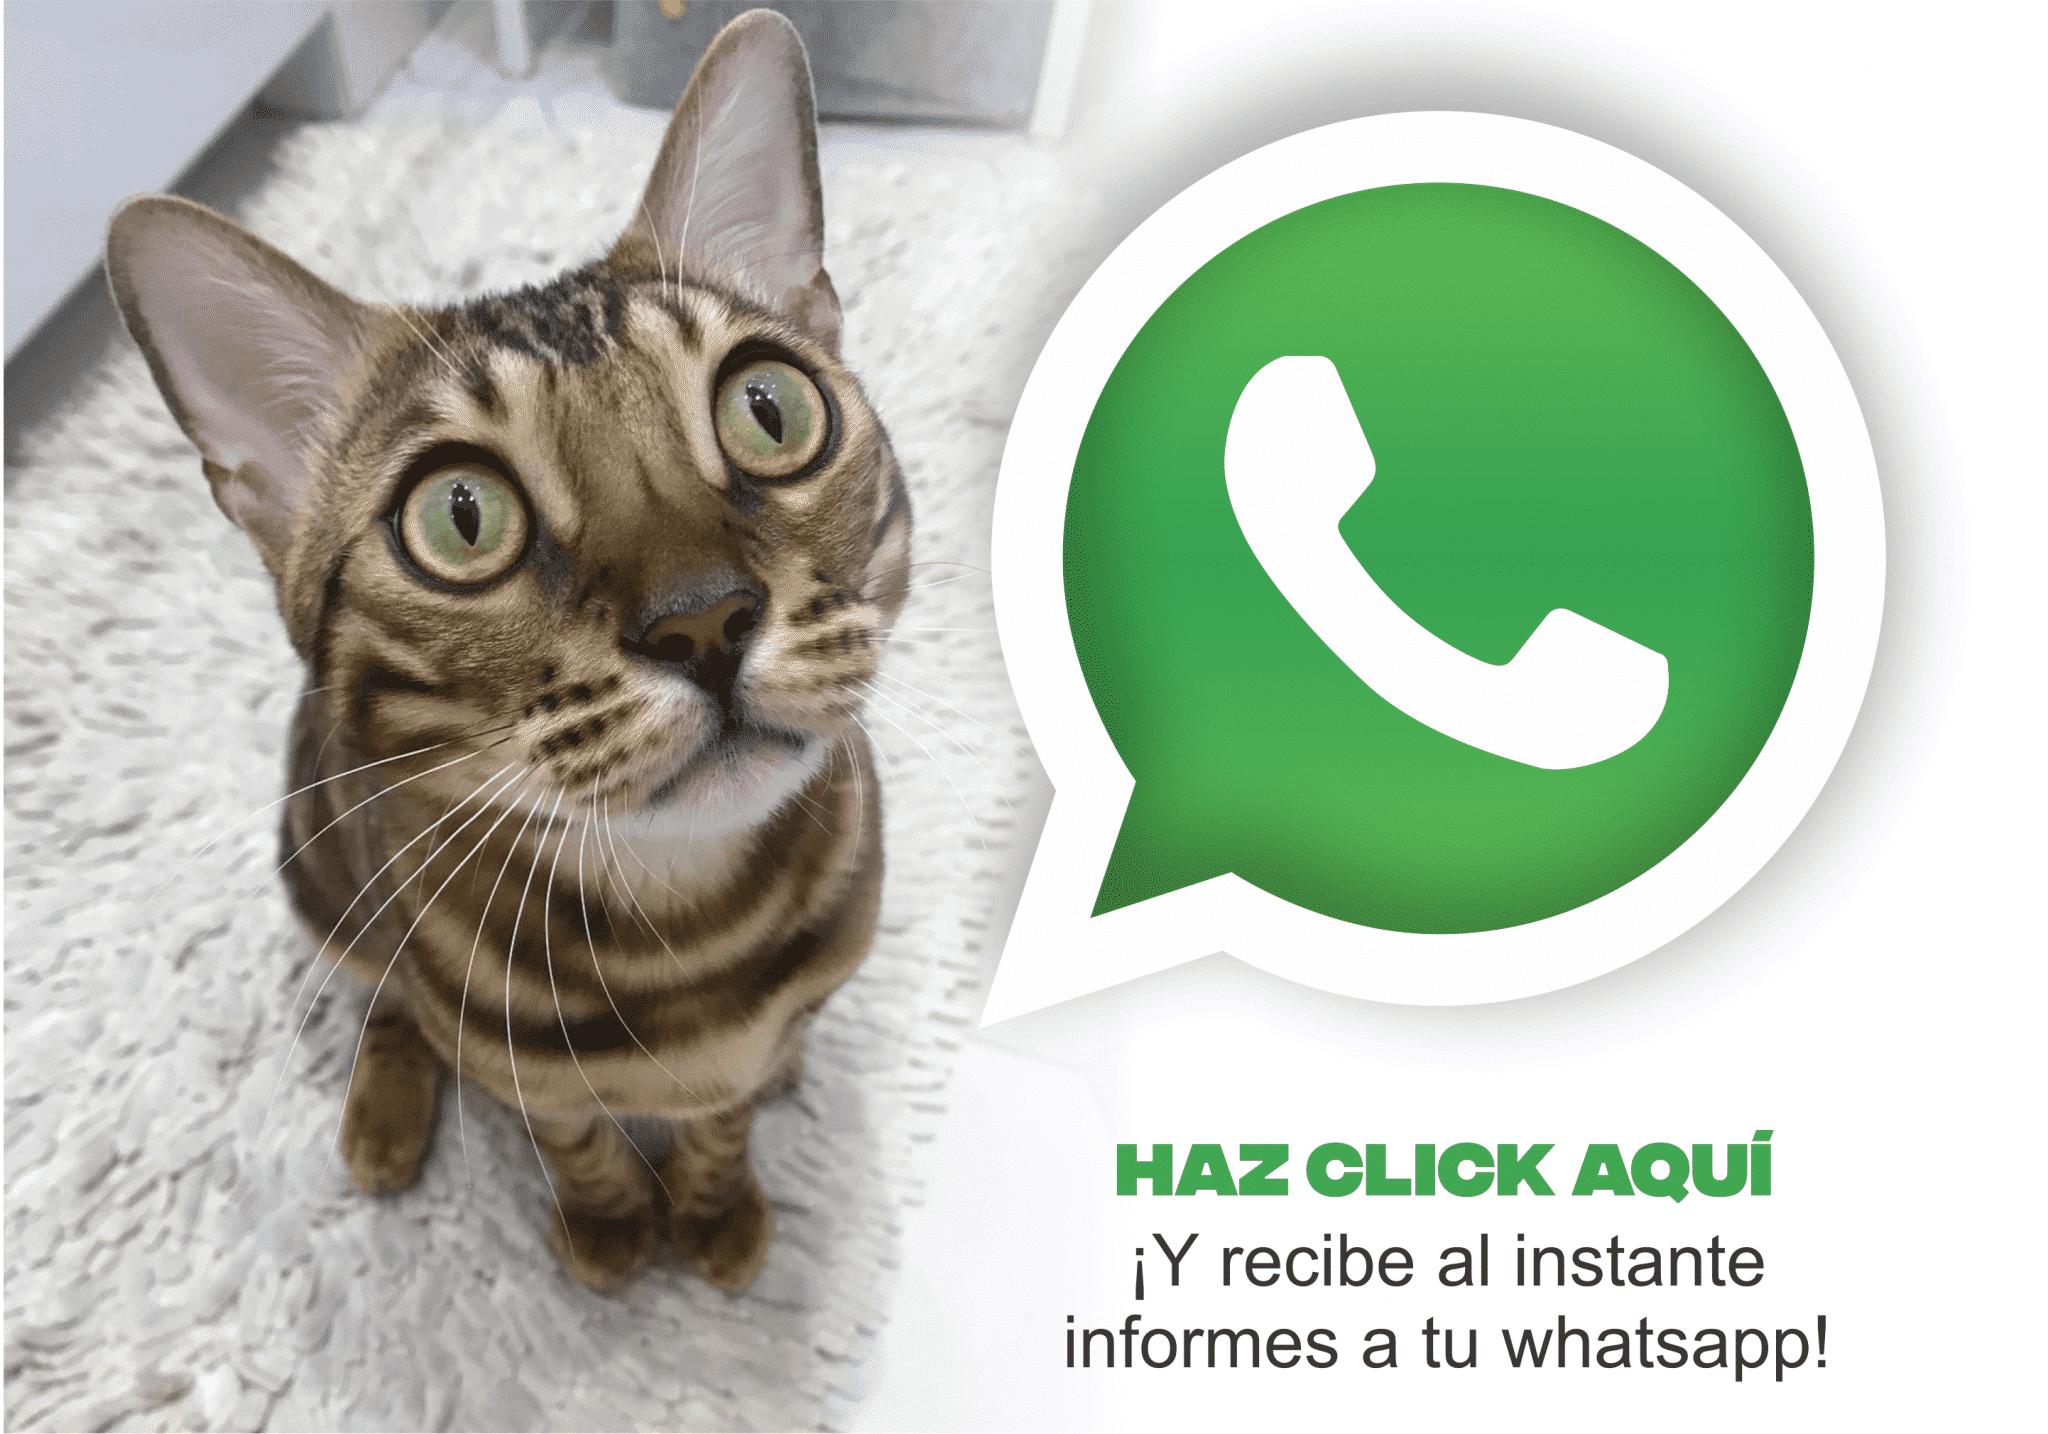 haz click y recibe informes por whatsapp